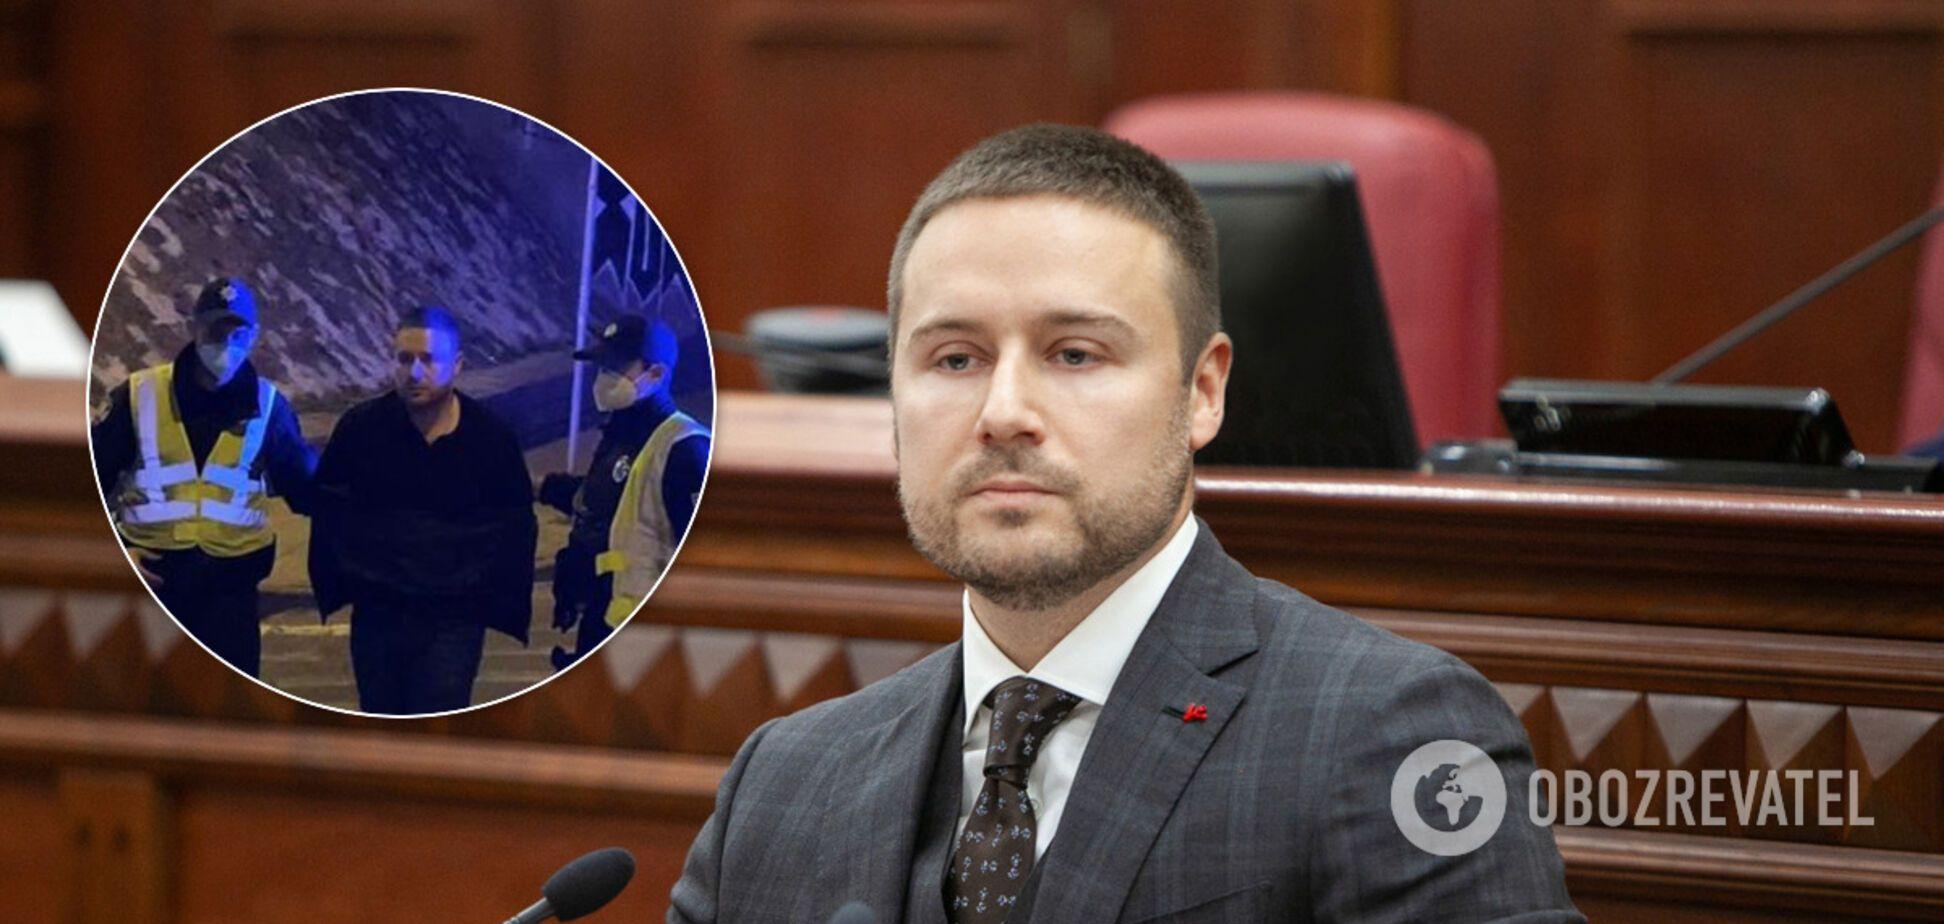 Дело о драке экс-заместителя главы КГГА Слончака передали в суд